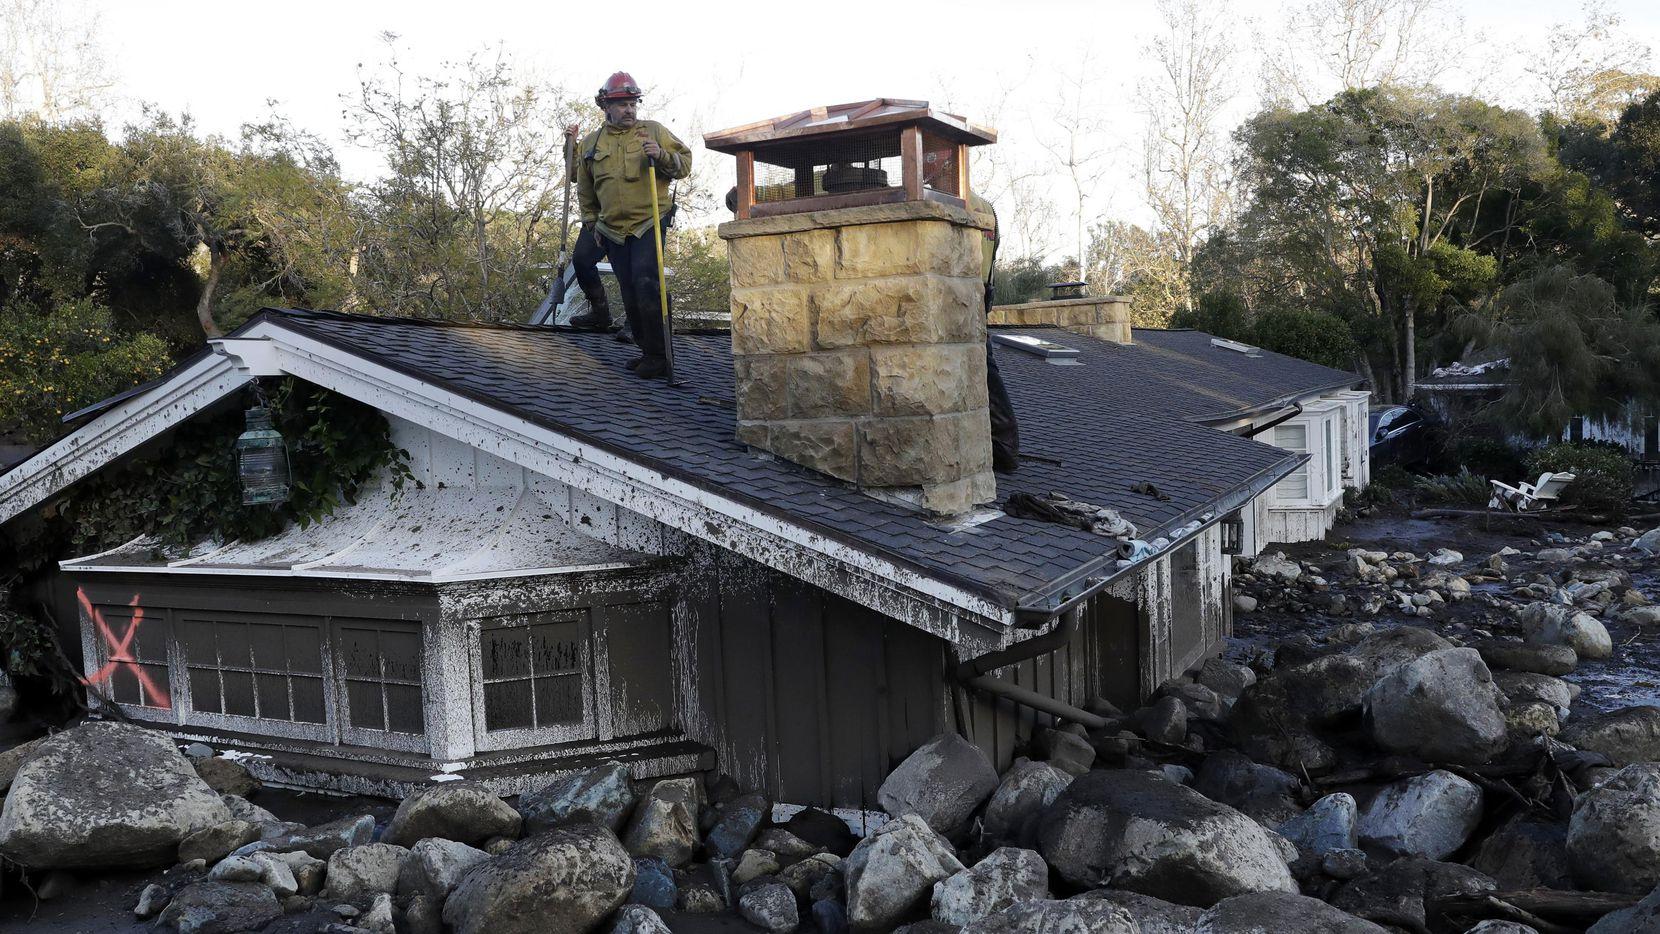 Un agente del equipo de rescate se para encima de una vivienda que fue arrollada por una alud de lodo en Montecito, California. (AP/Marcio Jose Sanchez)